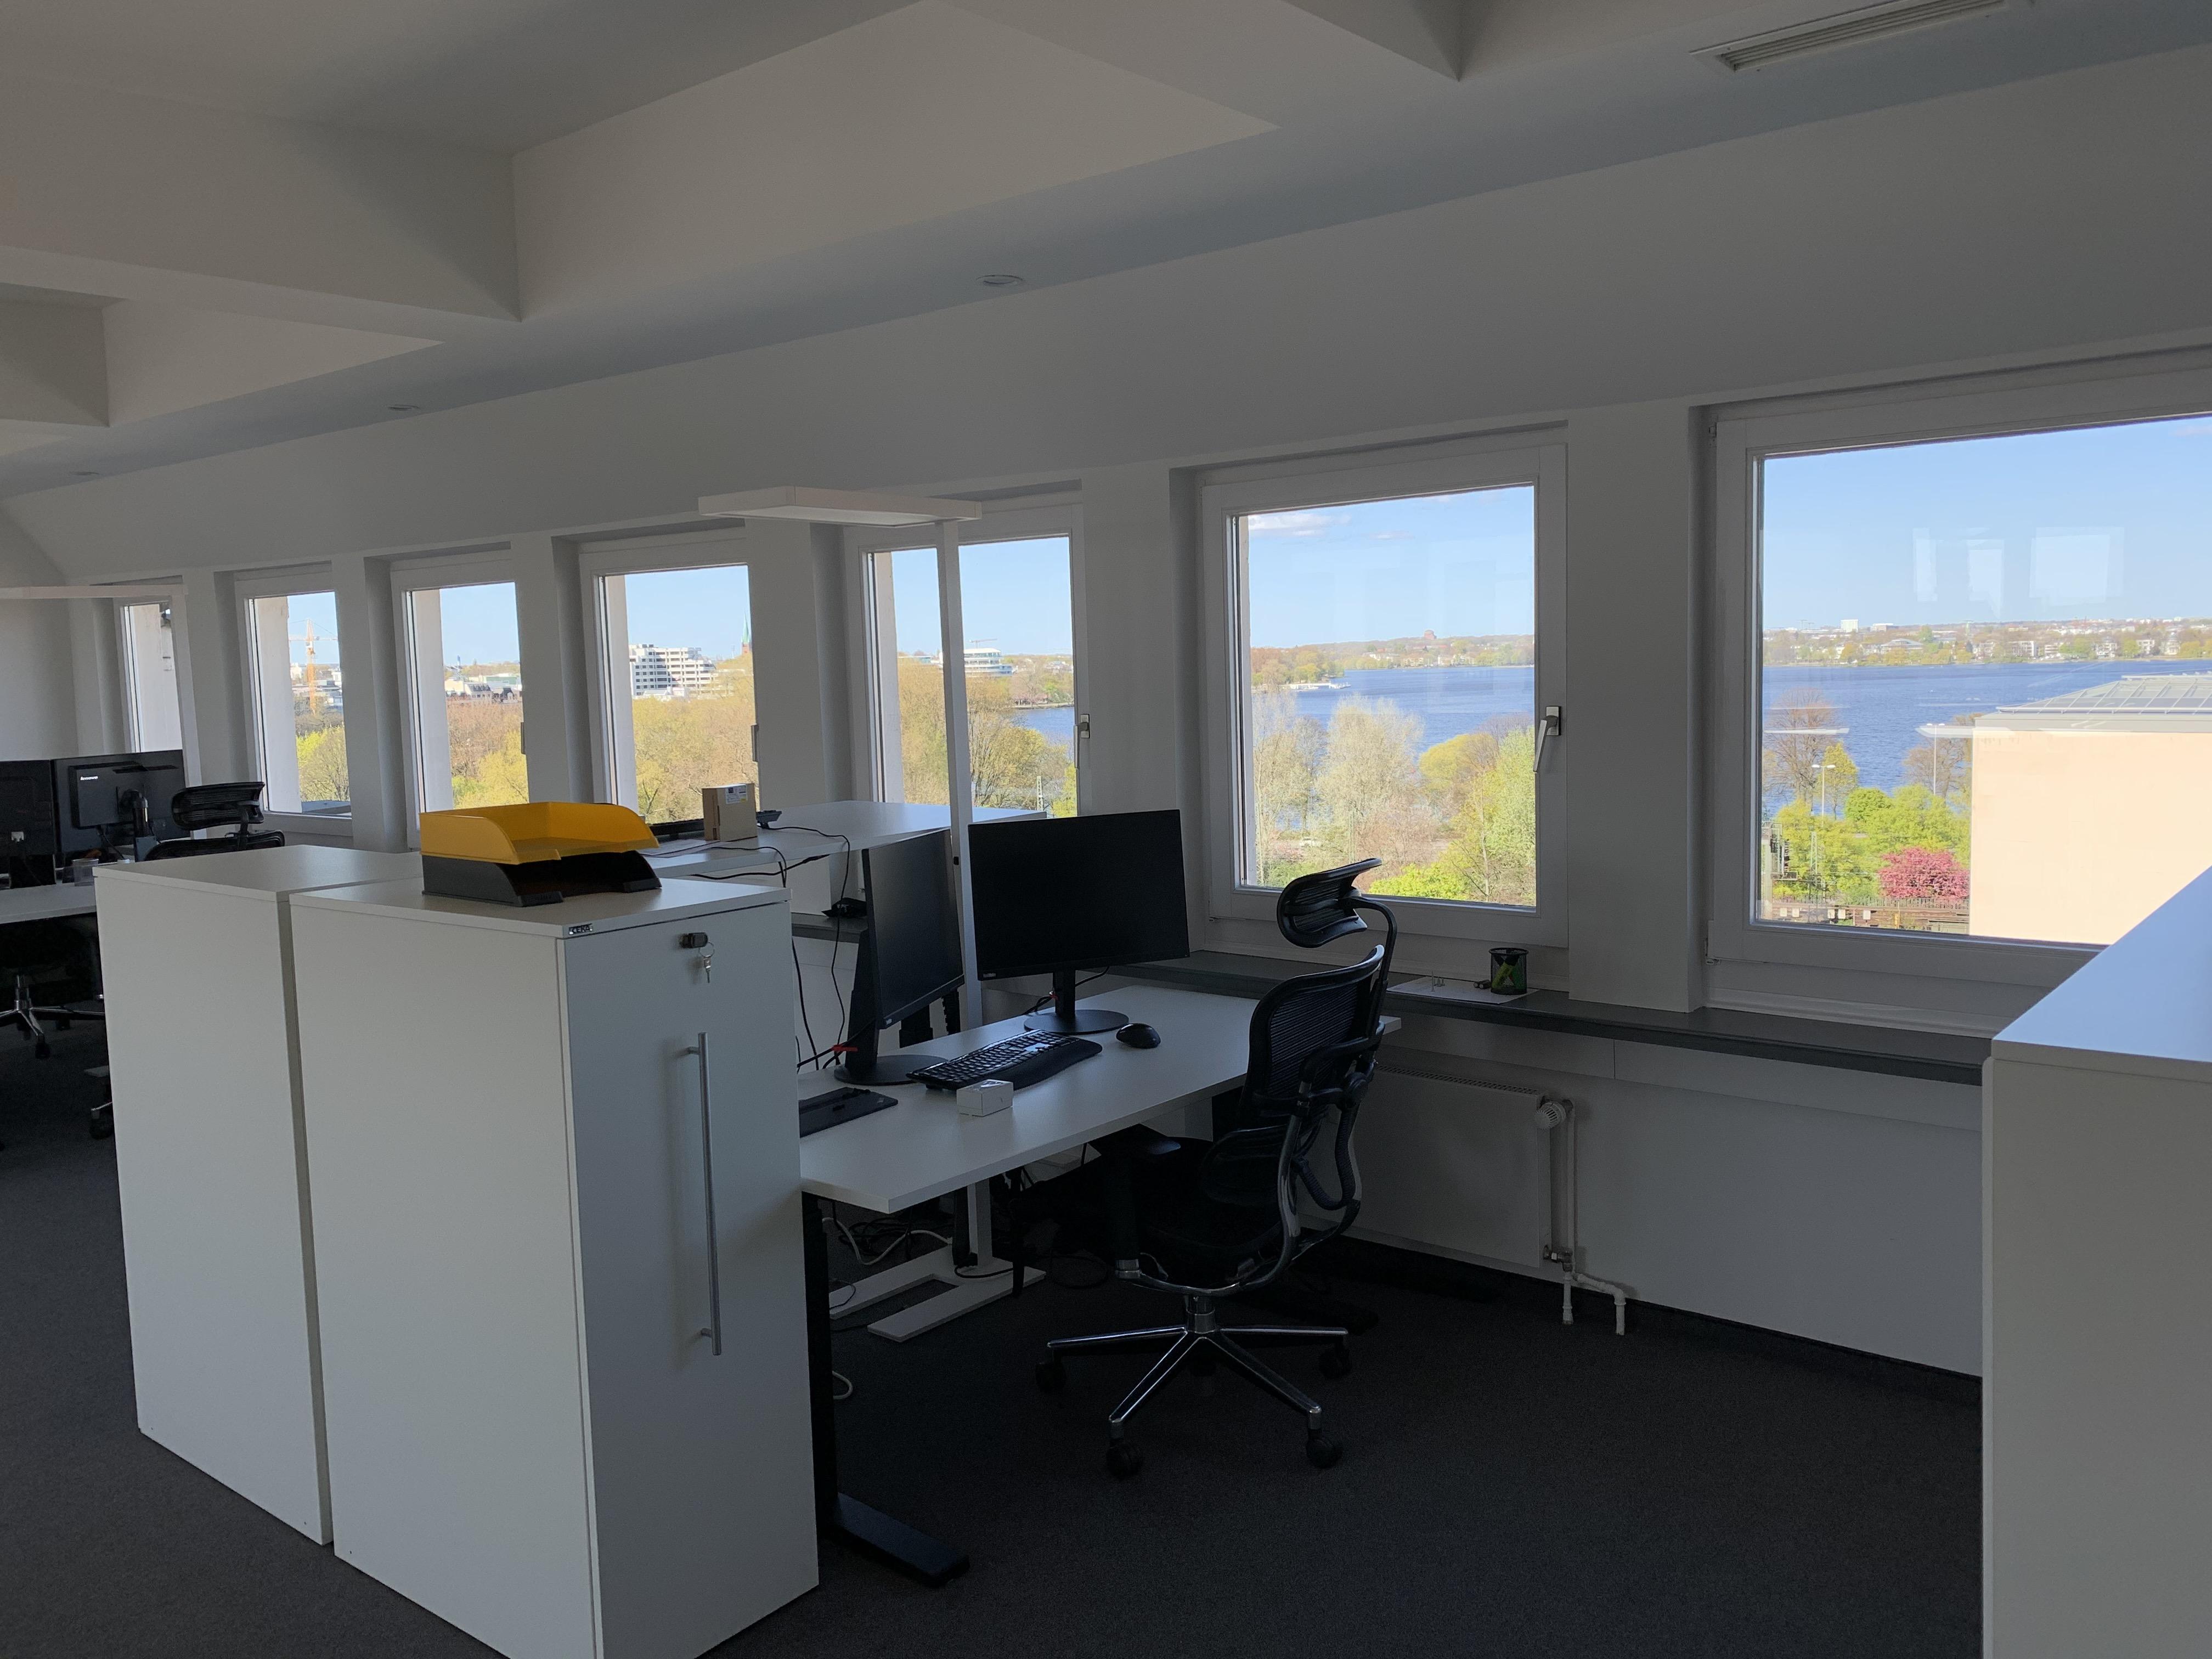 News Foto Umzug Hamburg Glockengiesserwall 20 - Innovabee wächst und bezieht neues Büro in bester Hamburger Citylage